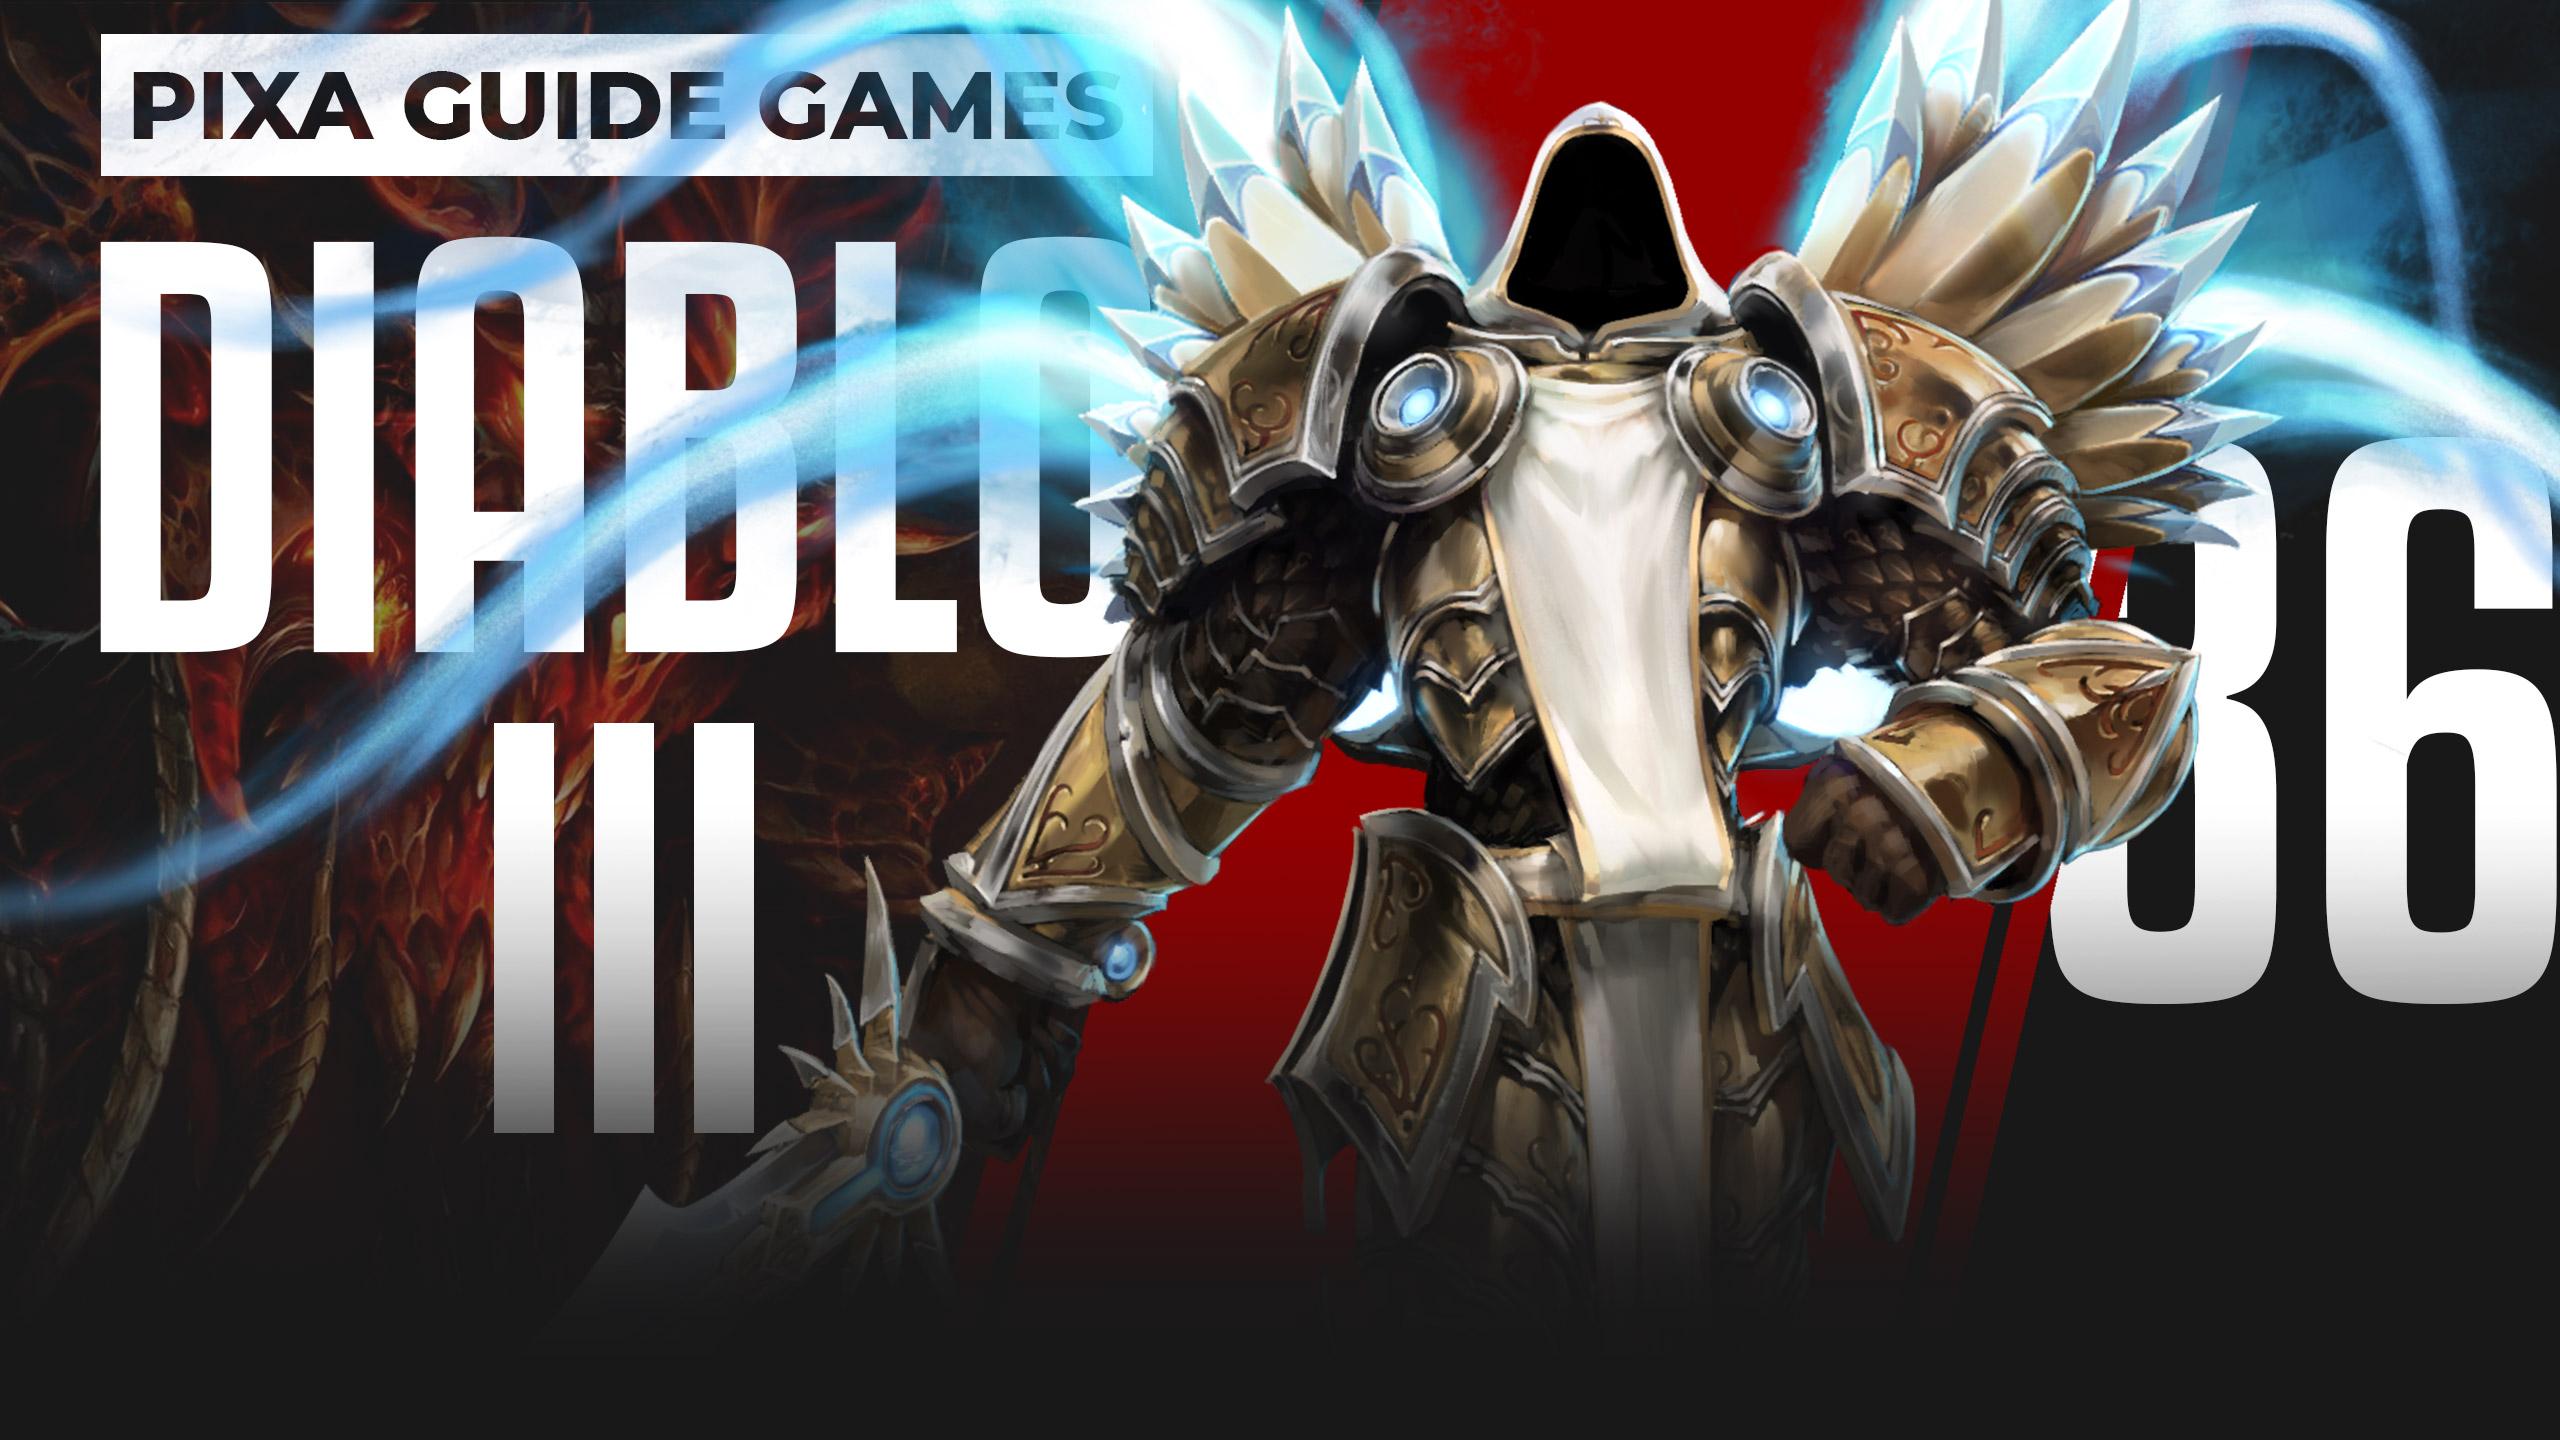 Diablo 3 | Прохождение игры | Акт III | Вступительный трейлер 4 акта | 36